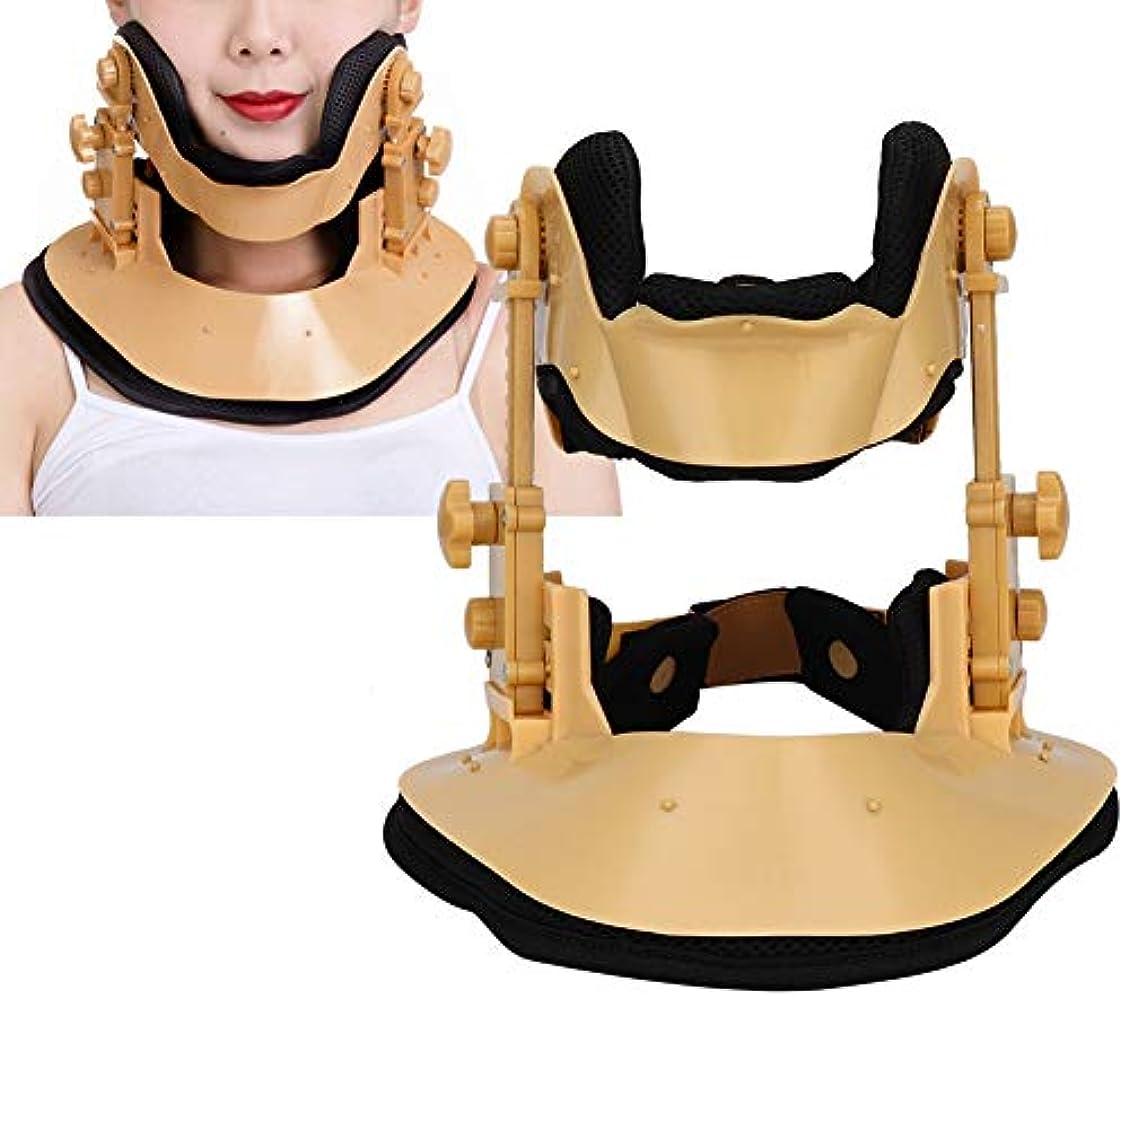 アレキサンダーグラハムベルセットするキノコ頸部牽引装置、調整可能な首の痛みを軽減する襟、固定された首のケア回復ツール、首の回復装置